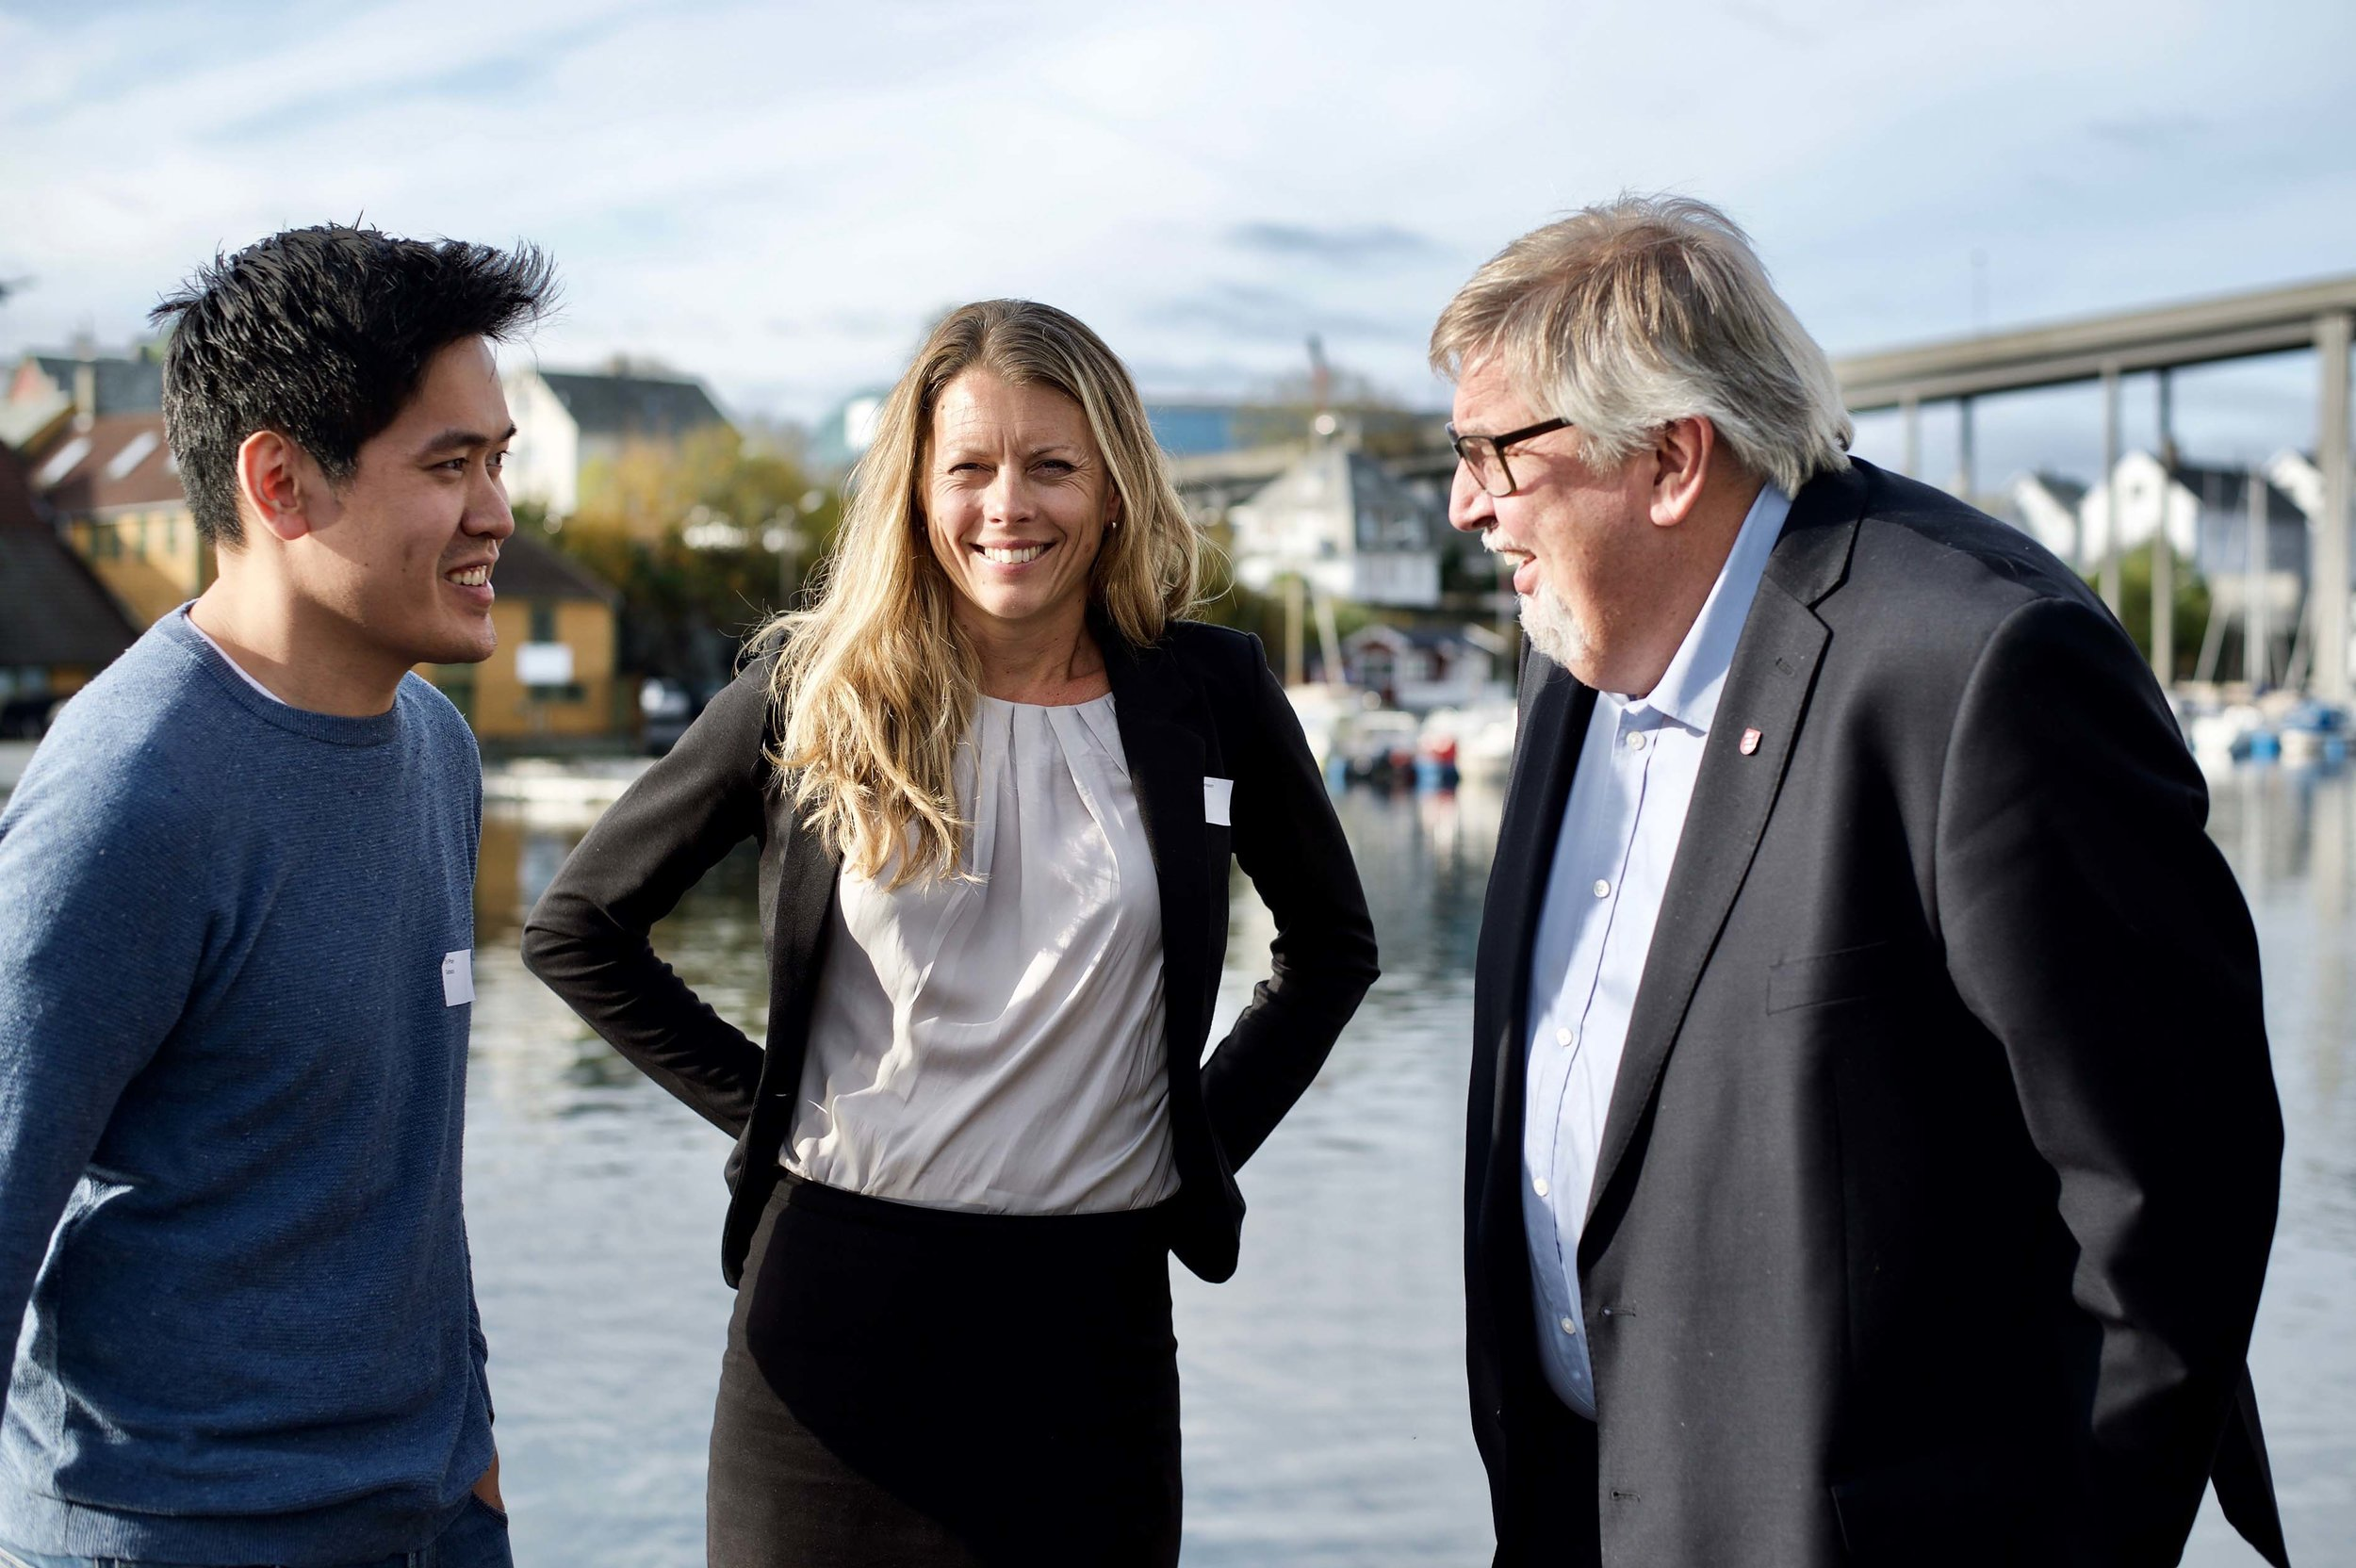 Speaker at ByLIVsenteret's conference on Inclusive Places - 18.10.2017 - Scandic Maritime Hotel, Haugesund - Presenting,